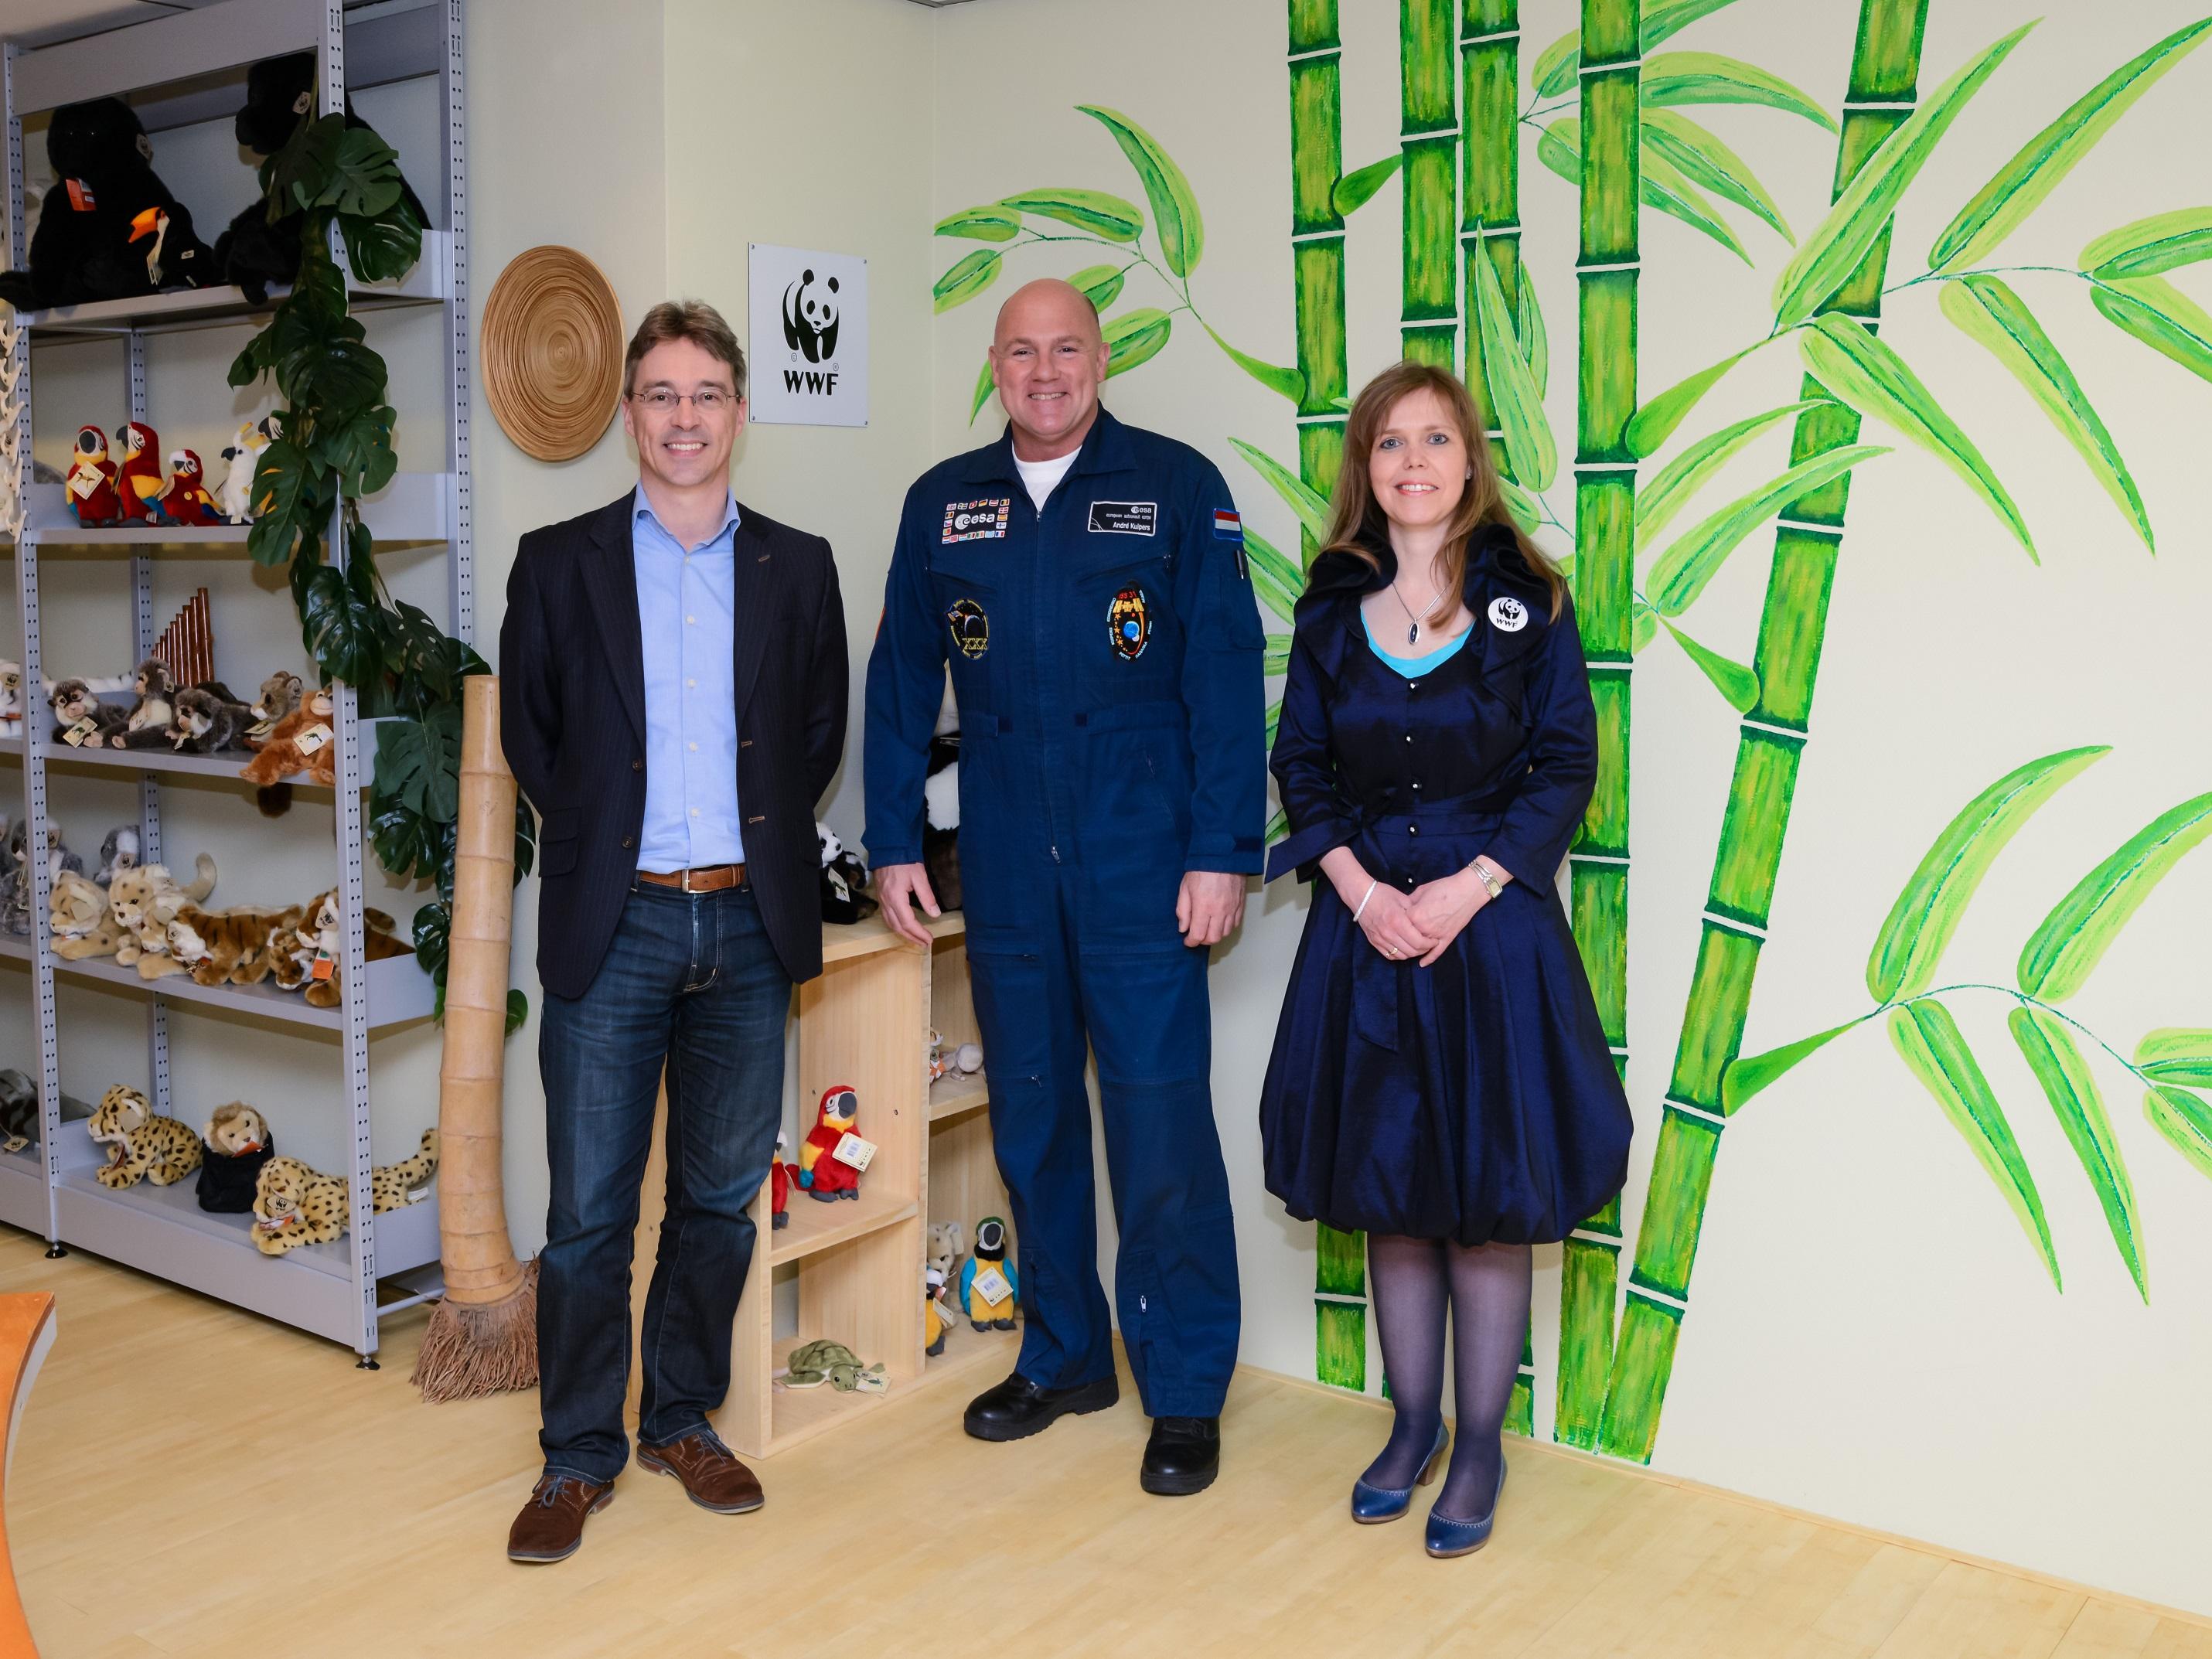 WNF ambassadeur André Kuipers bezoekt WNF shop in Warenhuis Vanderveen in Assen